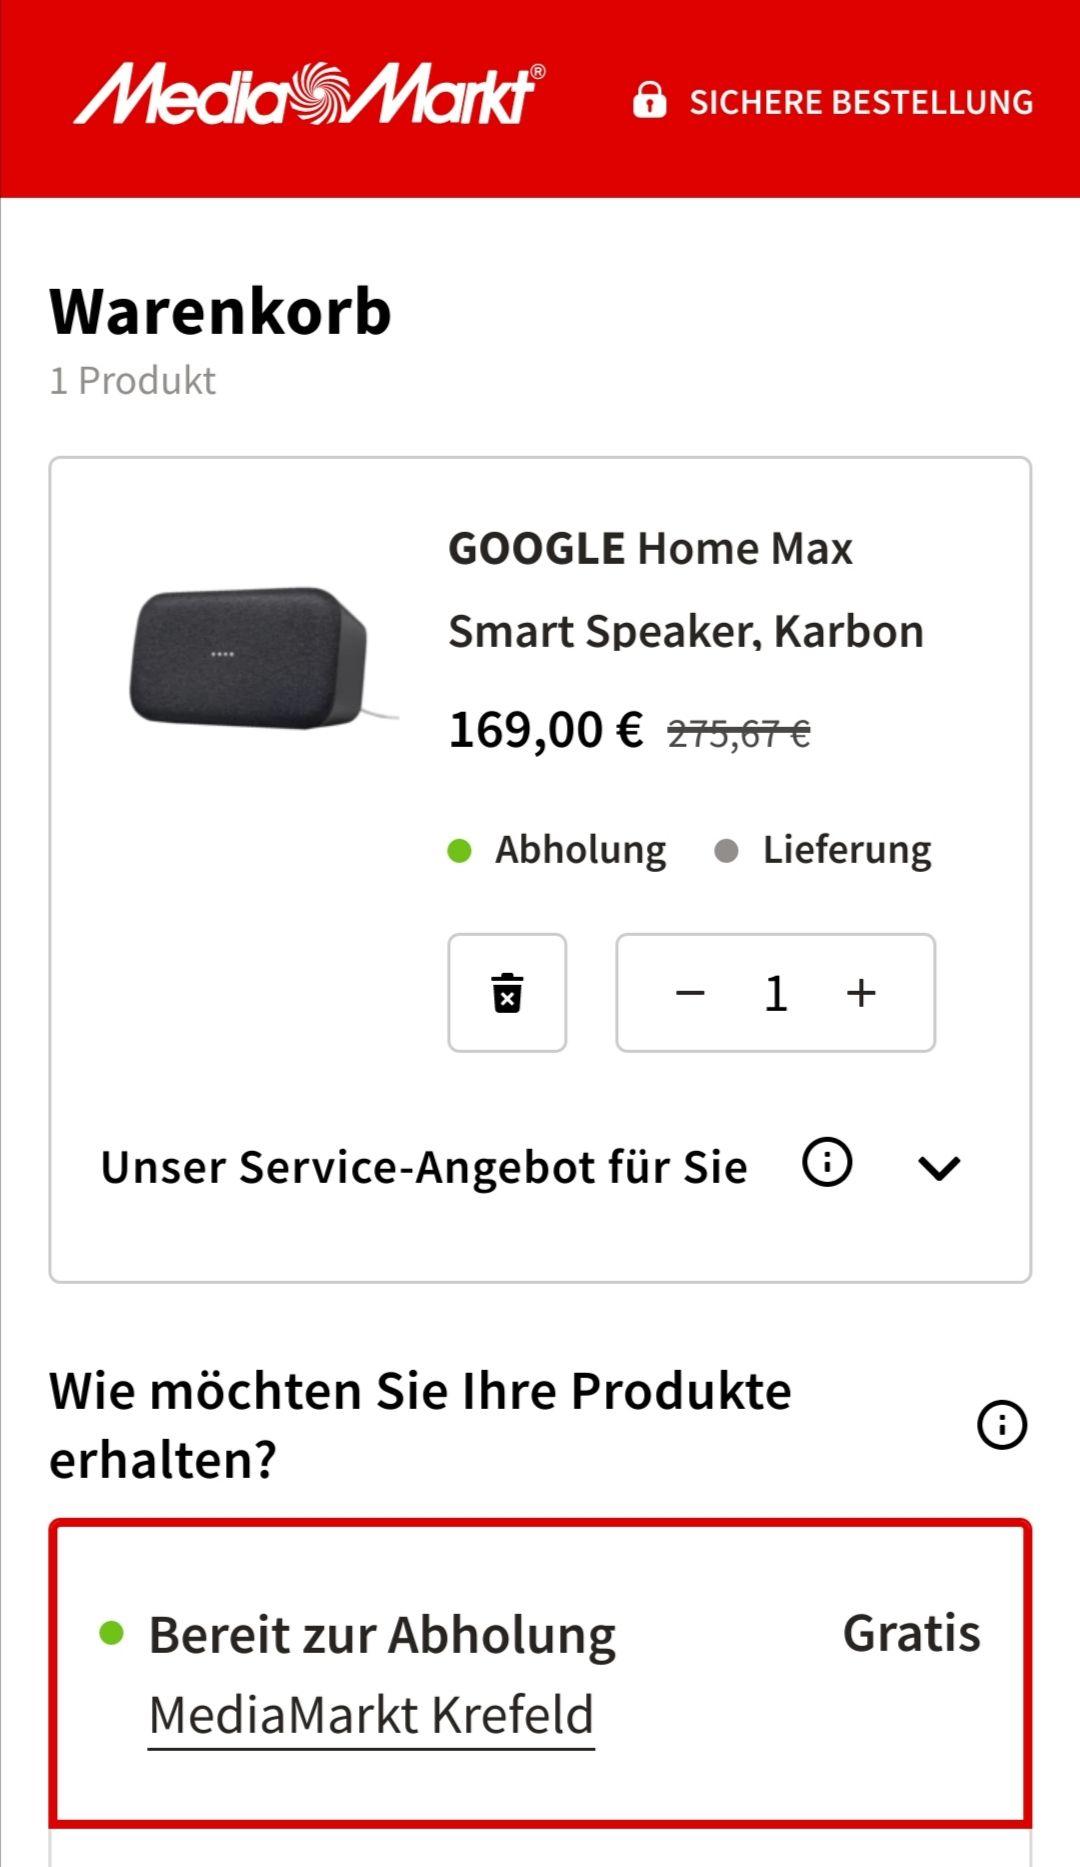 Duitsland grensdeal: Google Home Max (alleen afhalen)